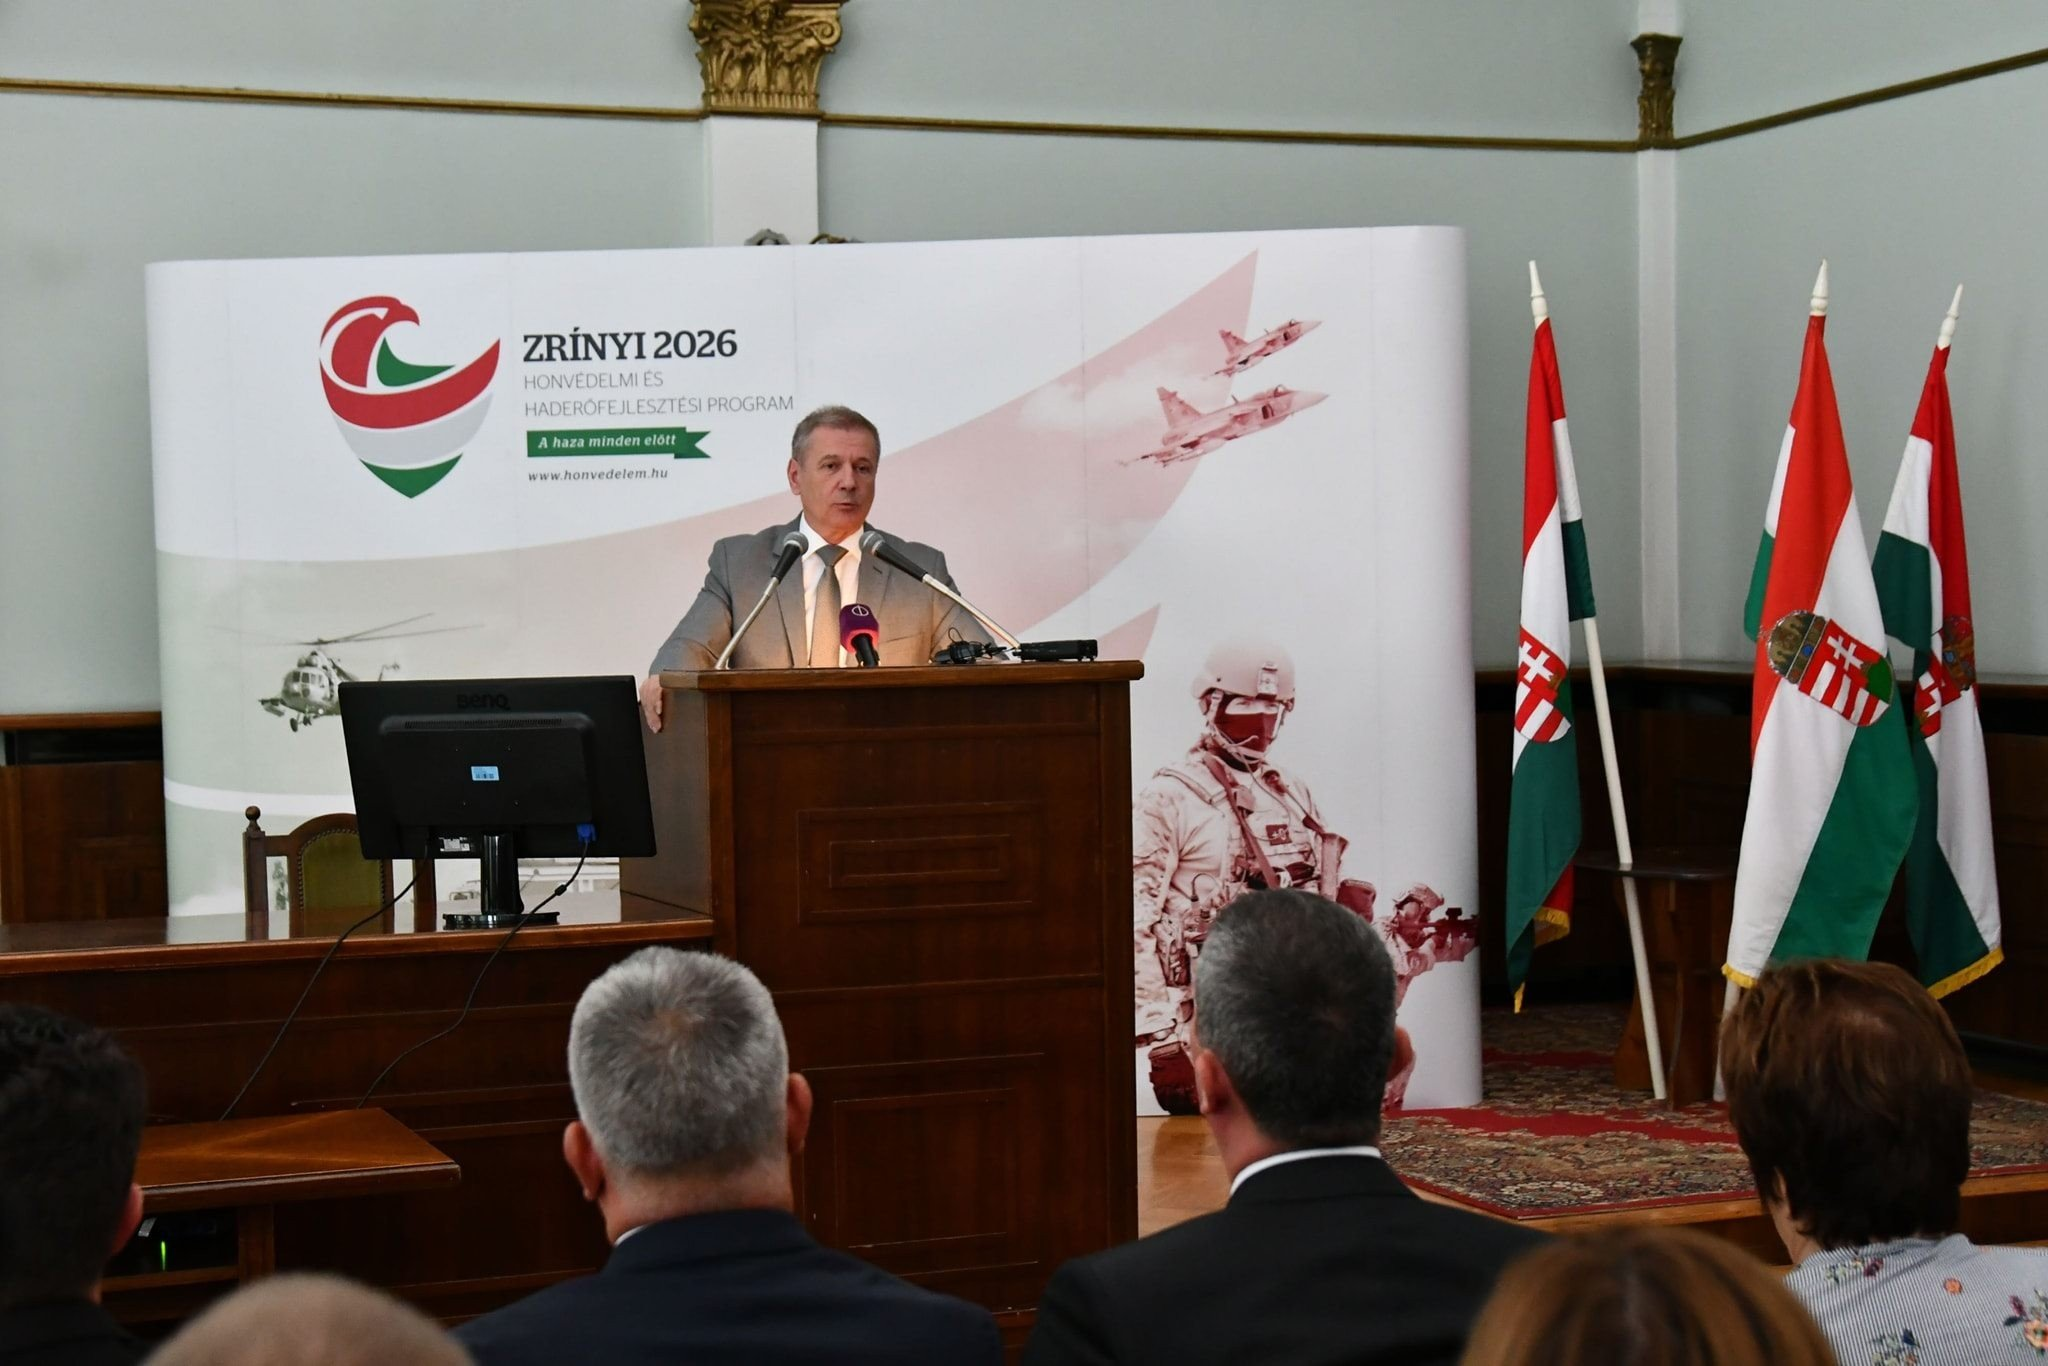 Szükség van az ország biztonságát garantáló erős, korszerű Magyar Honvédségre